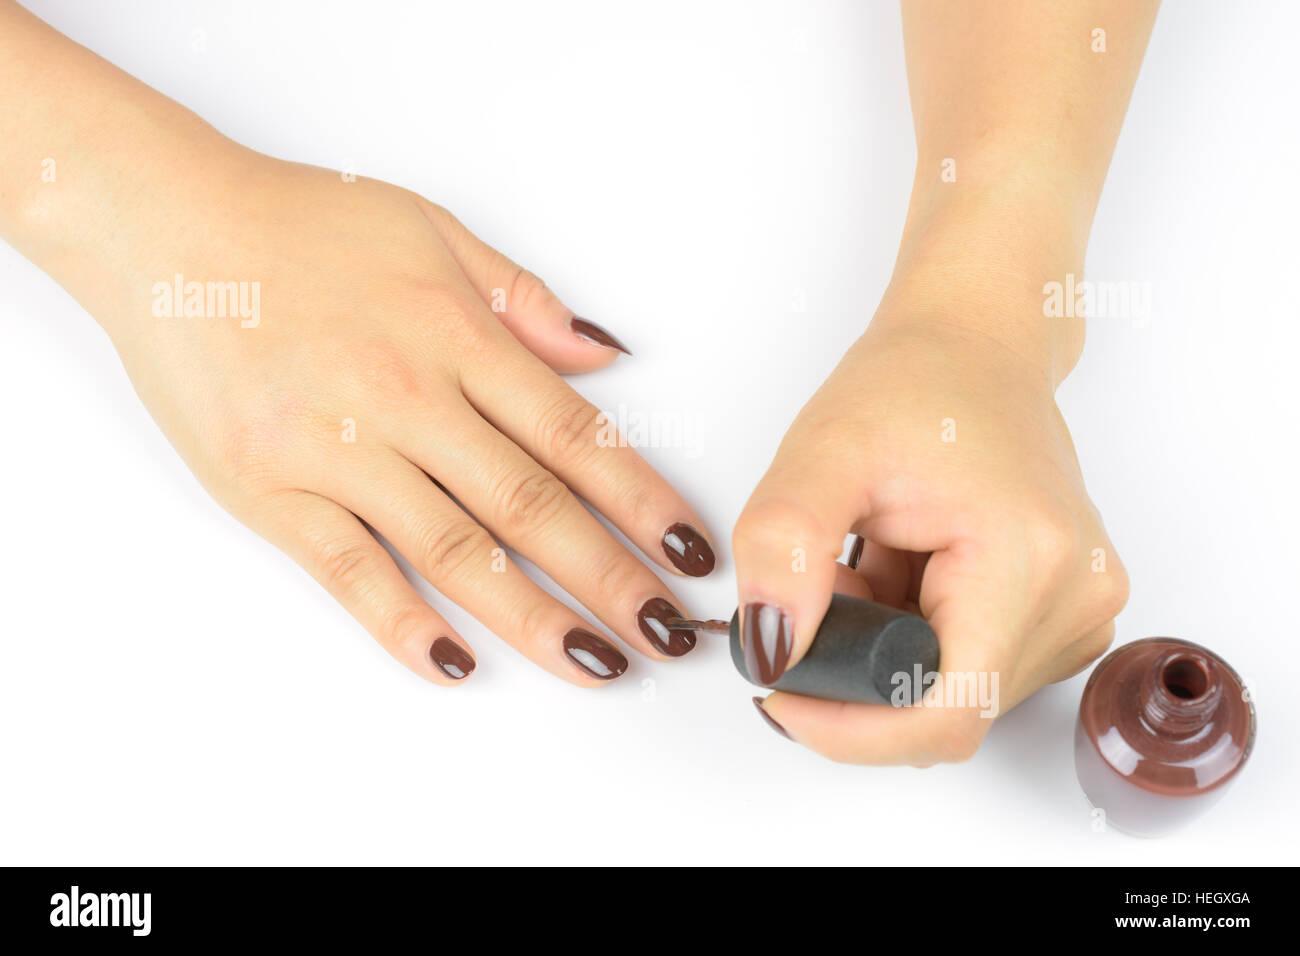 Mujer Pintar Las Uñas Con Esmalte De Uñas Sobre Fondo Blanco